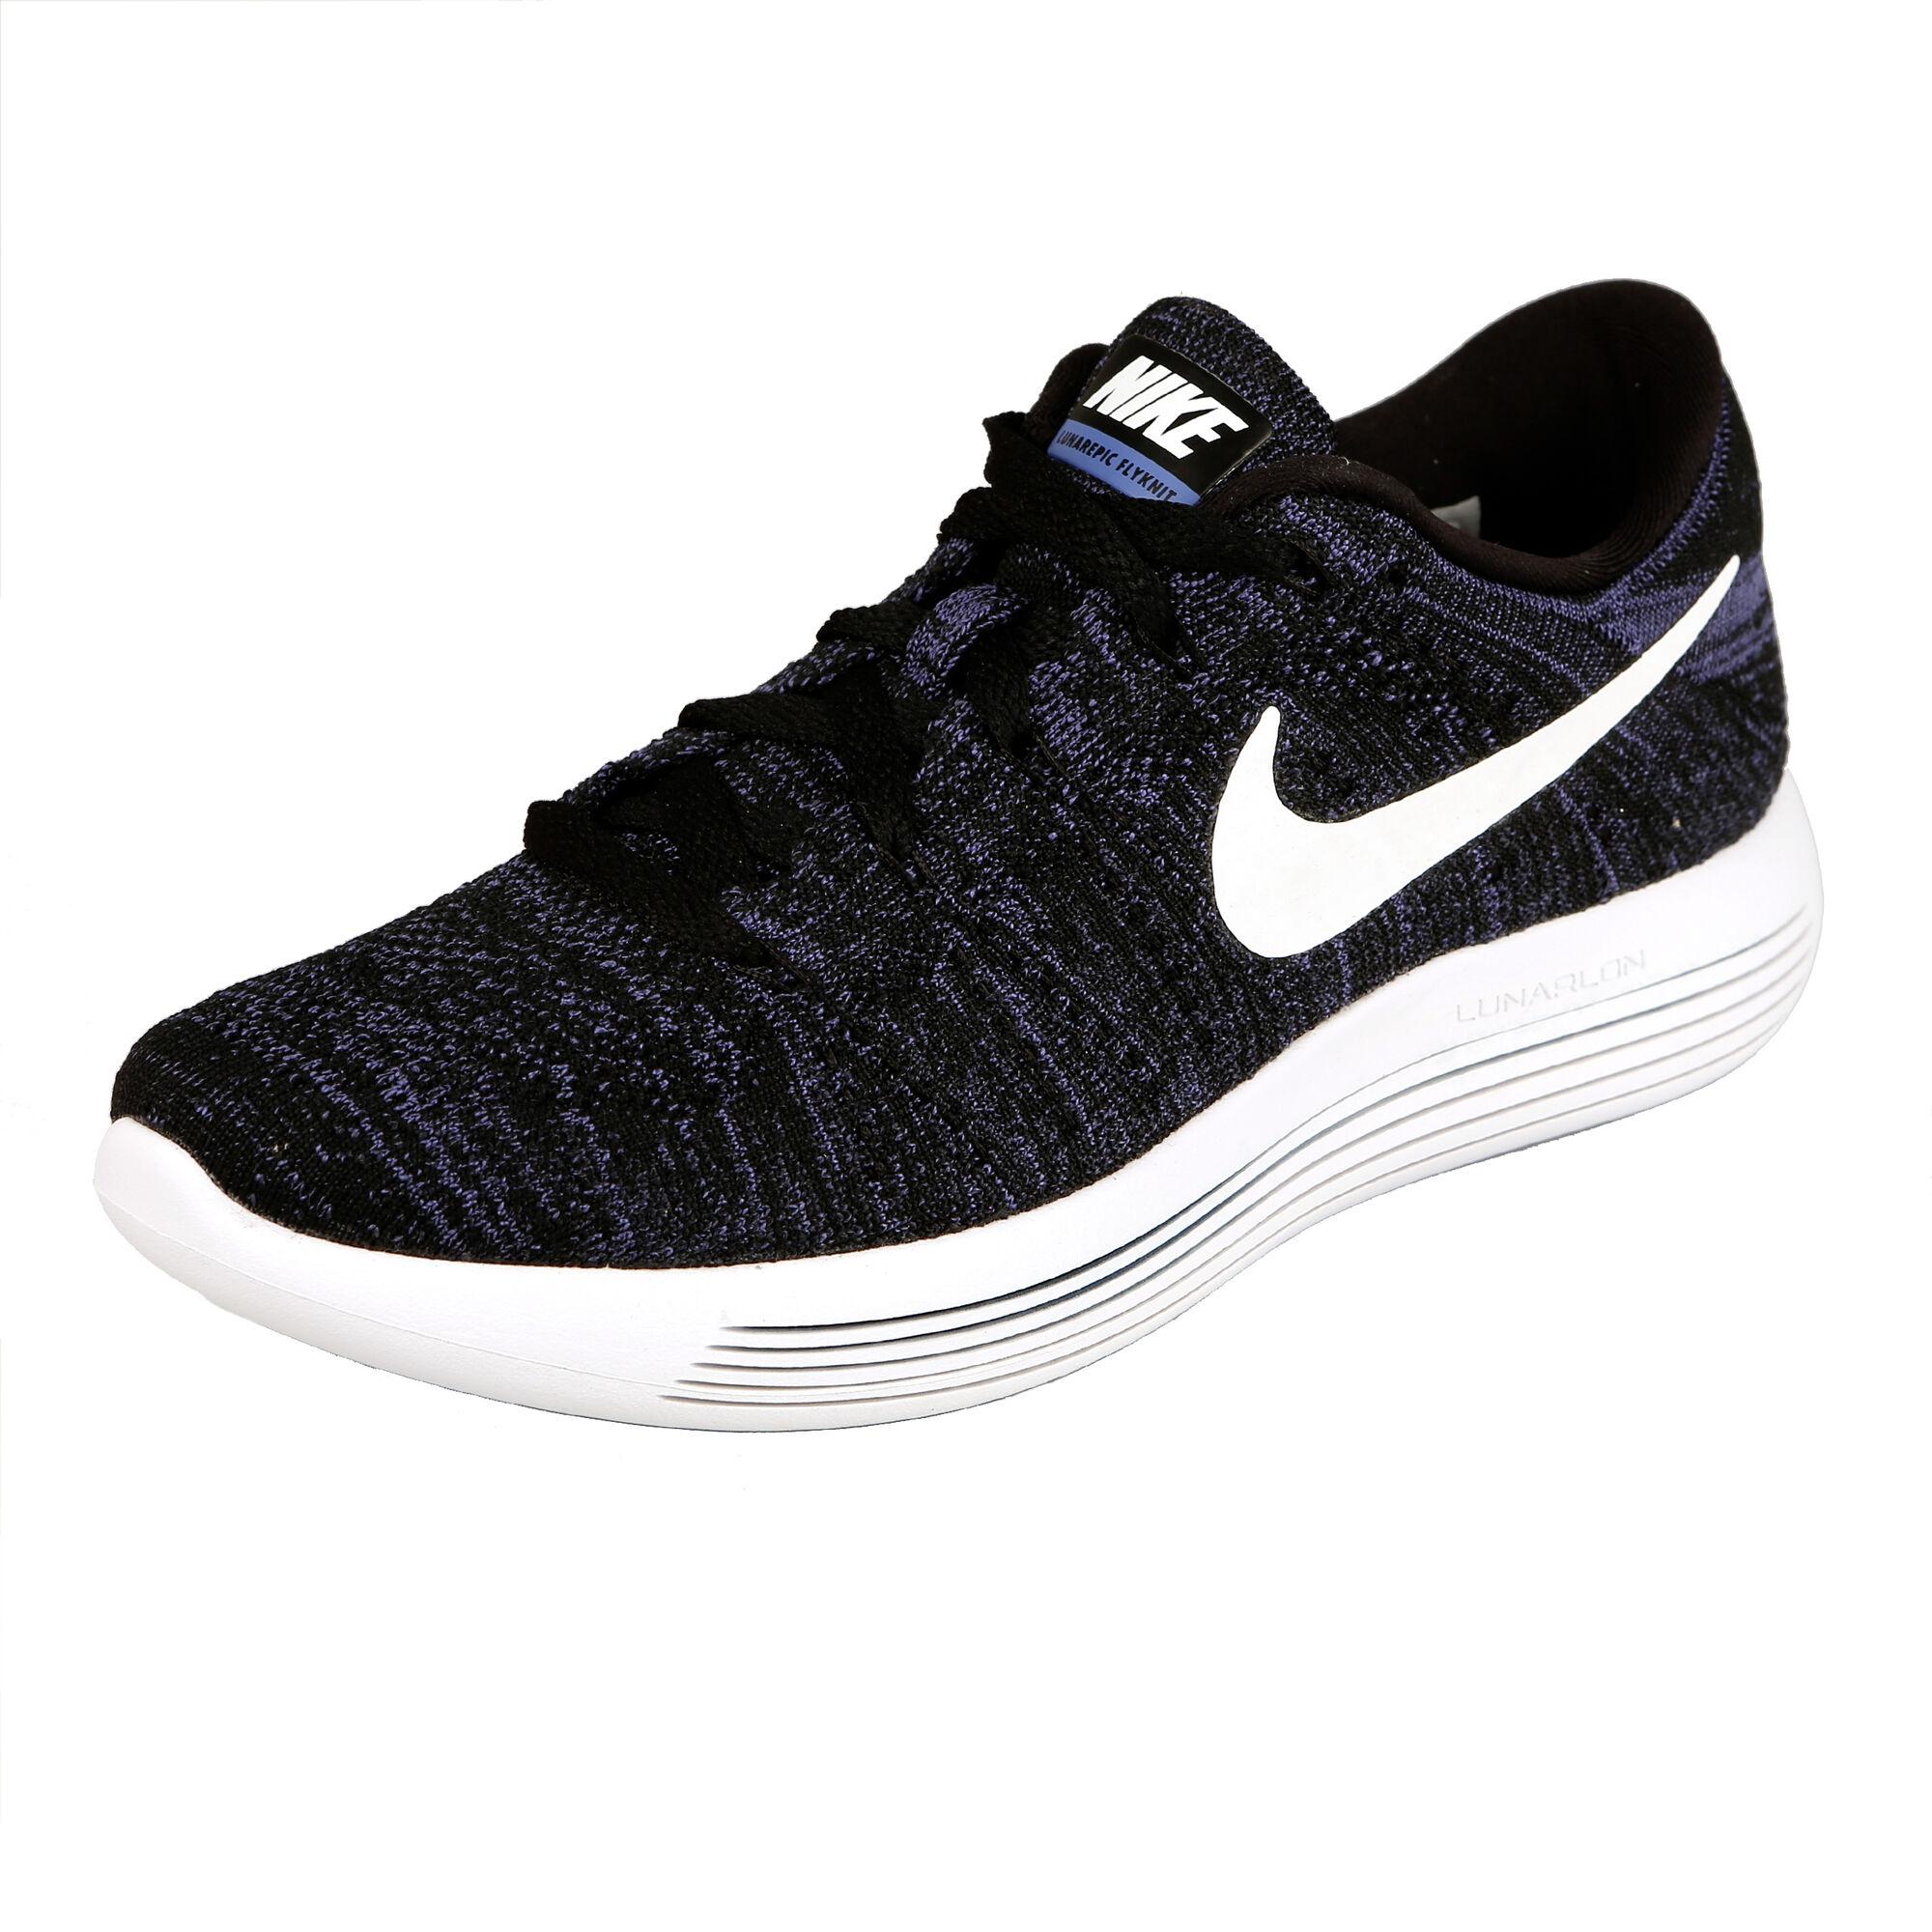 47bee0627f381 buy Nike LunarEpic Flyknit Neutral Running Shoe Women - Black